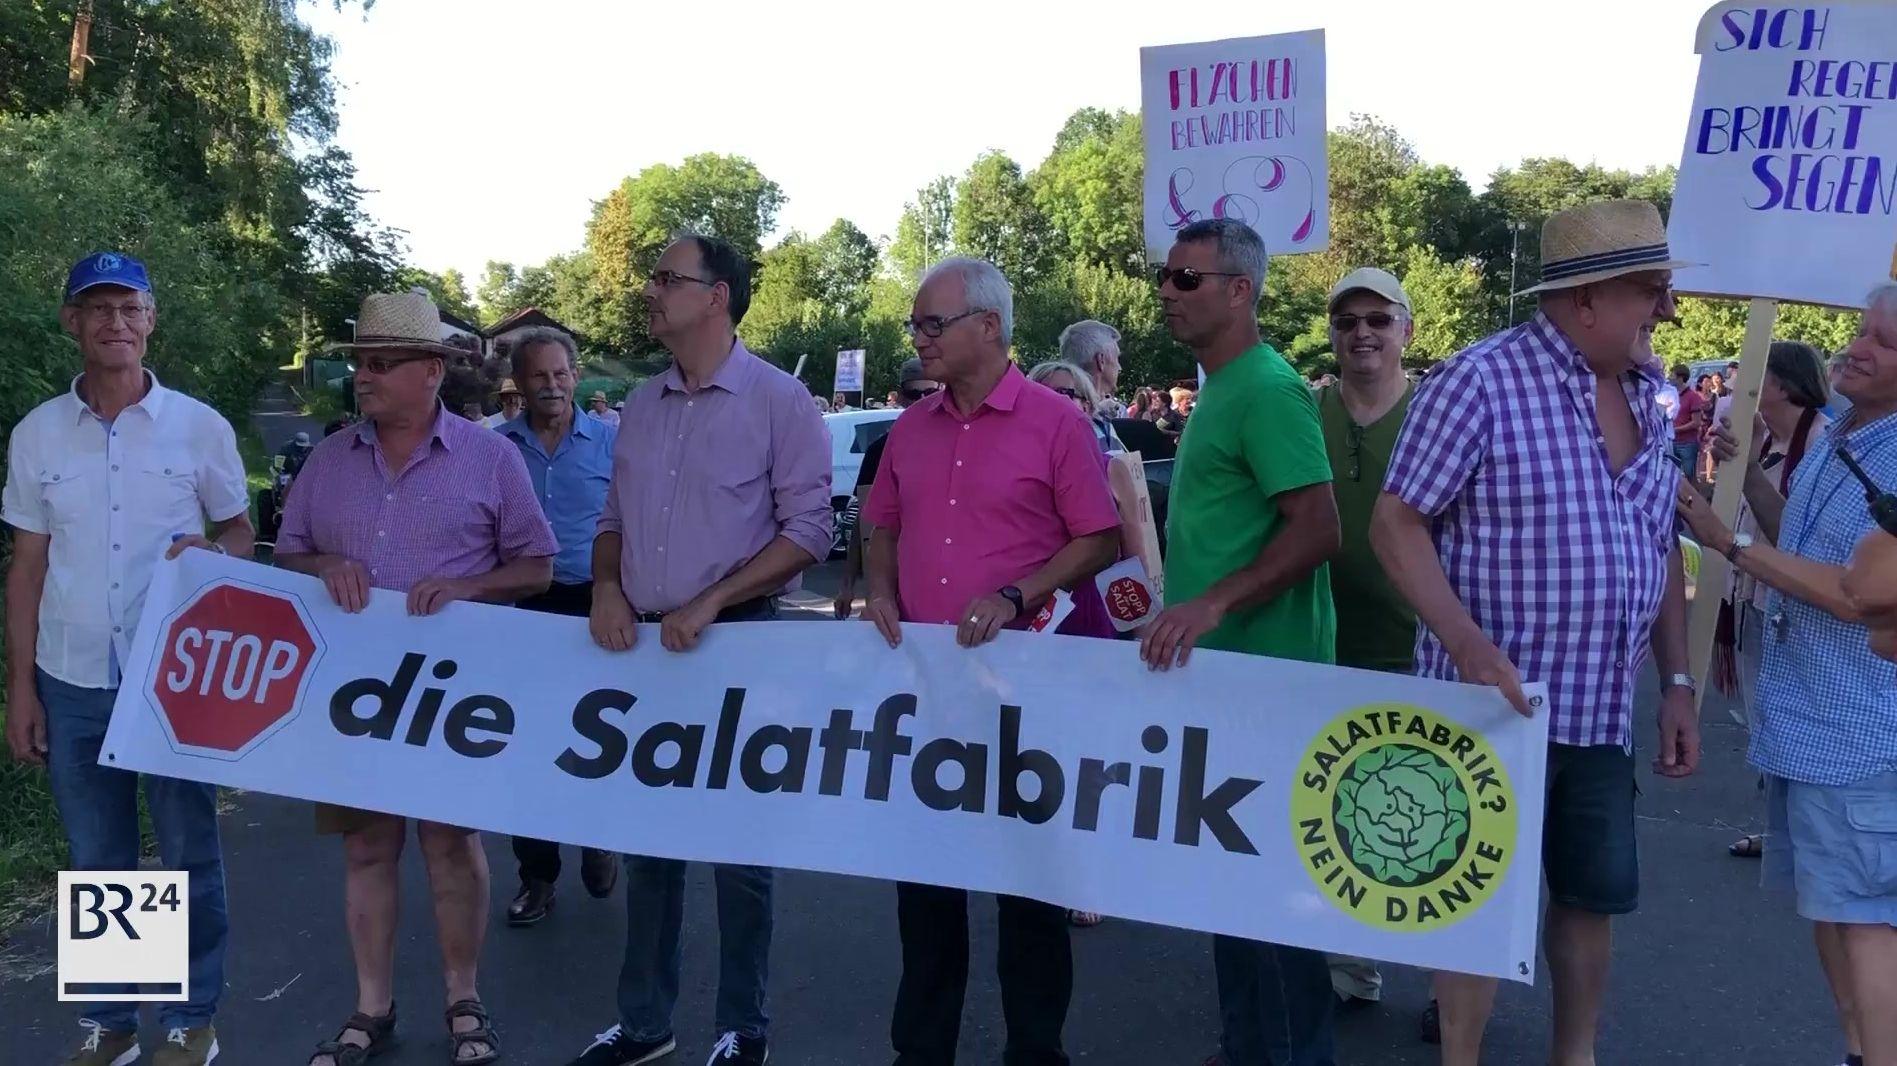 Protest gegen die geplante Salatfabrik